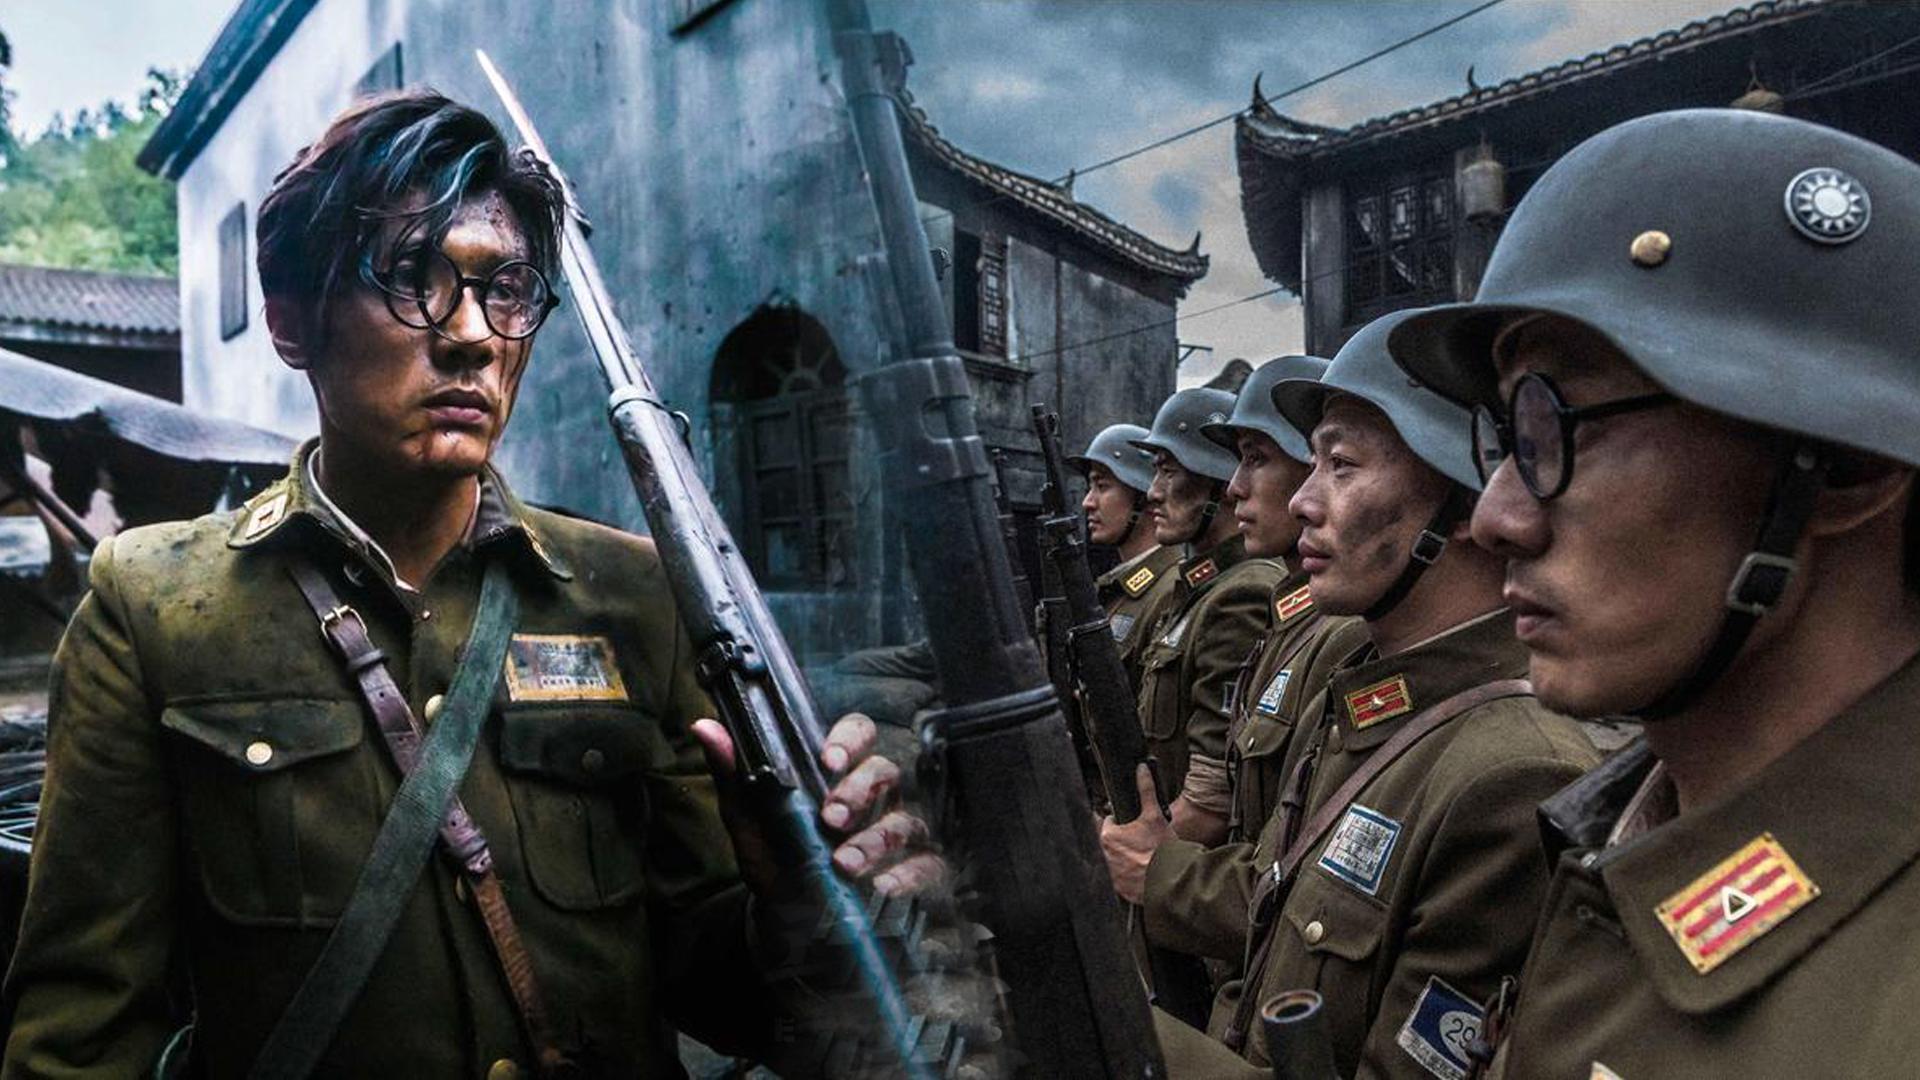 再现淞沪会战六百壮士悲歌,电影《捍卫者》纪念抗战胜利72周年